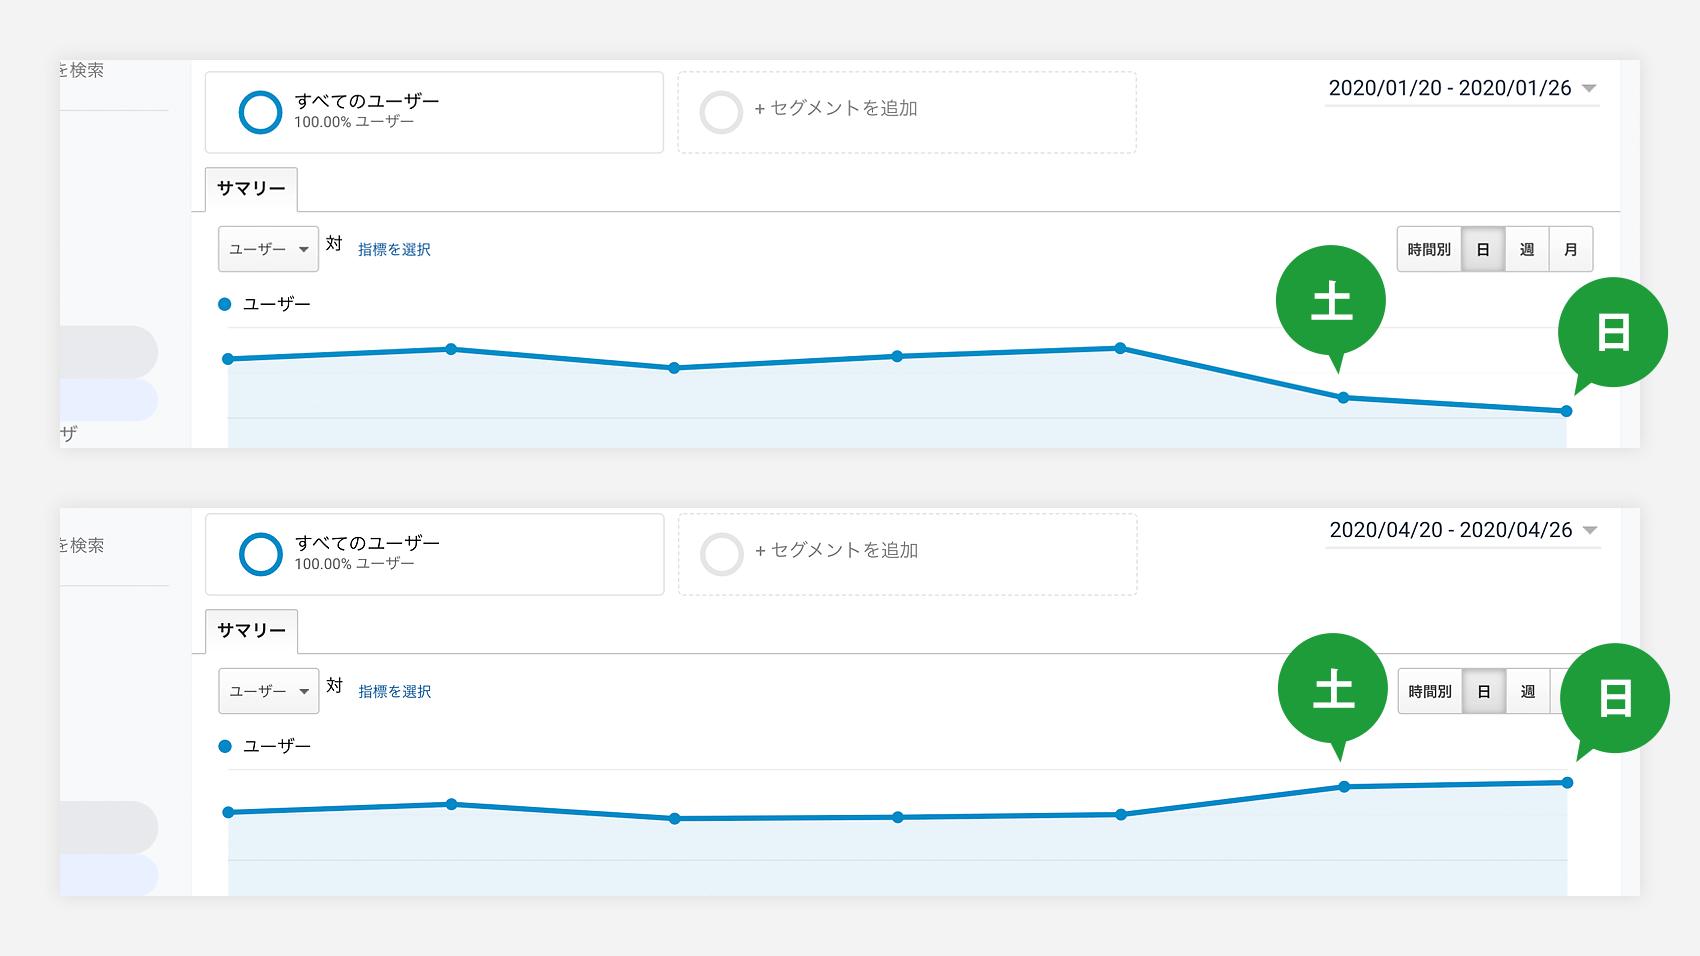 週間アクセス推移比較画像